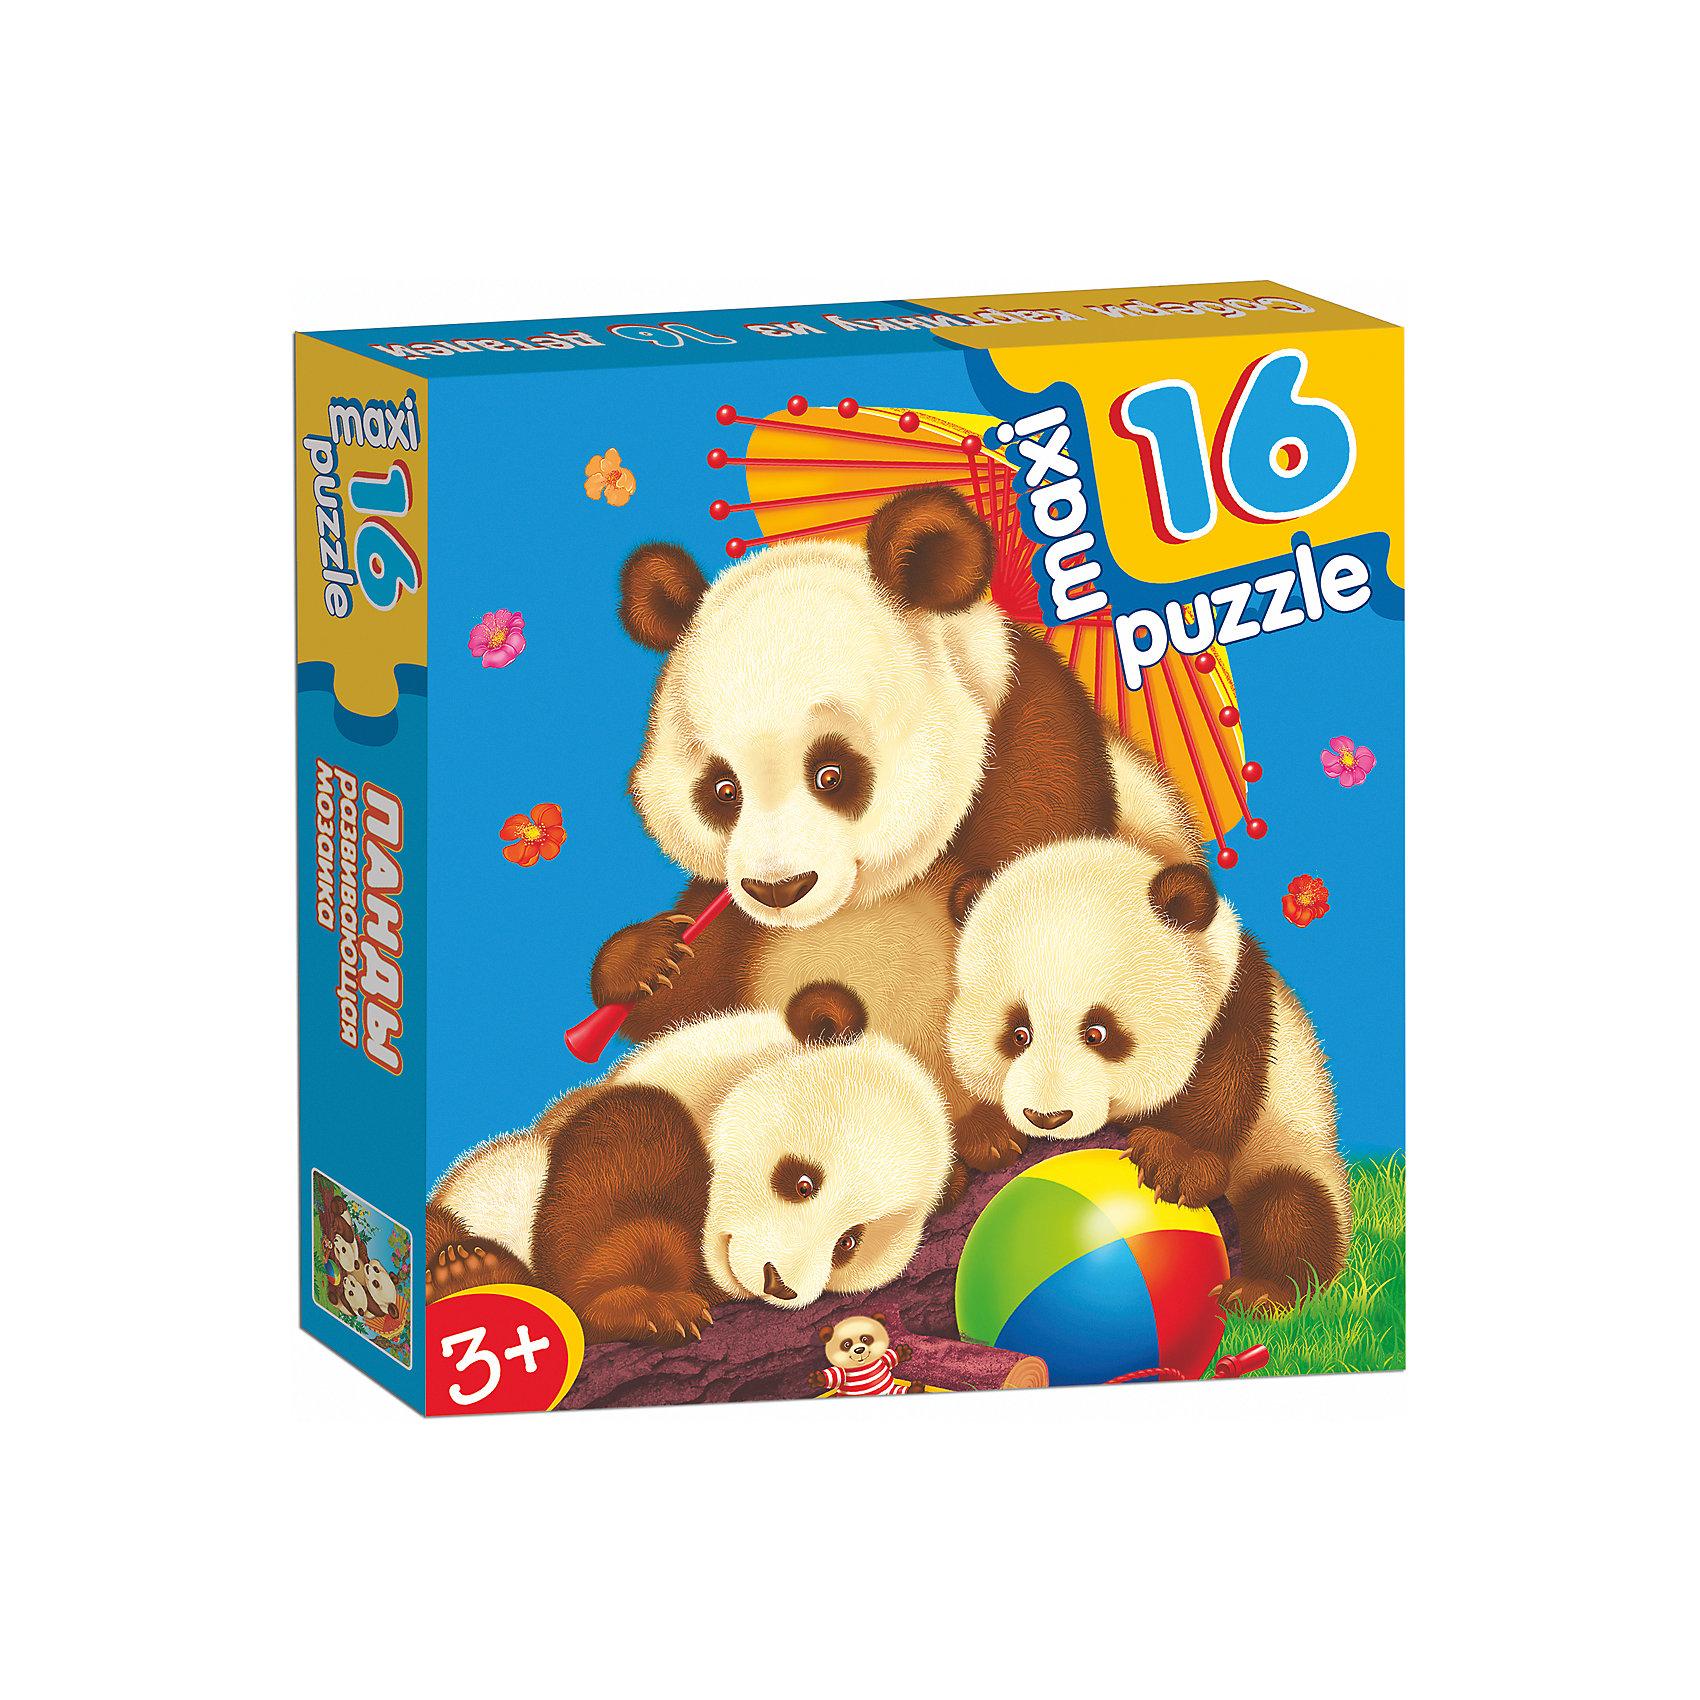 Развивающая мозаика Панды, Дрофа-МедиаХарактеристики развивающую  мозаику Панды:<br><br>- возраст: от 3 лет<br>- пол: для мальчиков и девочек<br>- количество деталей: 16.<br>- материал: картон.<br>- размер упаковки: 16.5 * 16.5 * 3 см.<br>- размер игрушки: 31 * 33 см.<br>- вес: 0.154 кг.<br>- упаковка: картонная коробка.<br>- бренд: Дрофа-Медиа<br>- страна обладатель бренда: Россия.<br><br>Развивающая мозаика Панды - макси-пазл для самых маленьких. Чтобы собрать картинку целиком, малышу нужно правильно подбирать элементы пазла. Когда все деталь мозаики соединятся между собой, получится красивое изображение милых панд. Макси-пазлы направлены на развитие внимательности, усидчивости и памяти у малышей. Ребенок научится самостоятельно складывать изображение из нескольких деталей, подбирая недостающий фрагмент изображения.<br><br>Развивающую мозаику Панды издательства Дрофа-Медиа можно купить в нашем интернет-магазине.<br><br>Ширина мм: 165<br>Глубина мм: 30<br>Высота мм: 165<br>Вес г: 170<br>Возраст от месяцев: 36<br>Возраст до месяцев: 2147483647<br>Пол: Унисекс<br>Возраст: Детский<br>SKU: 5386298